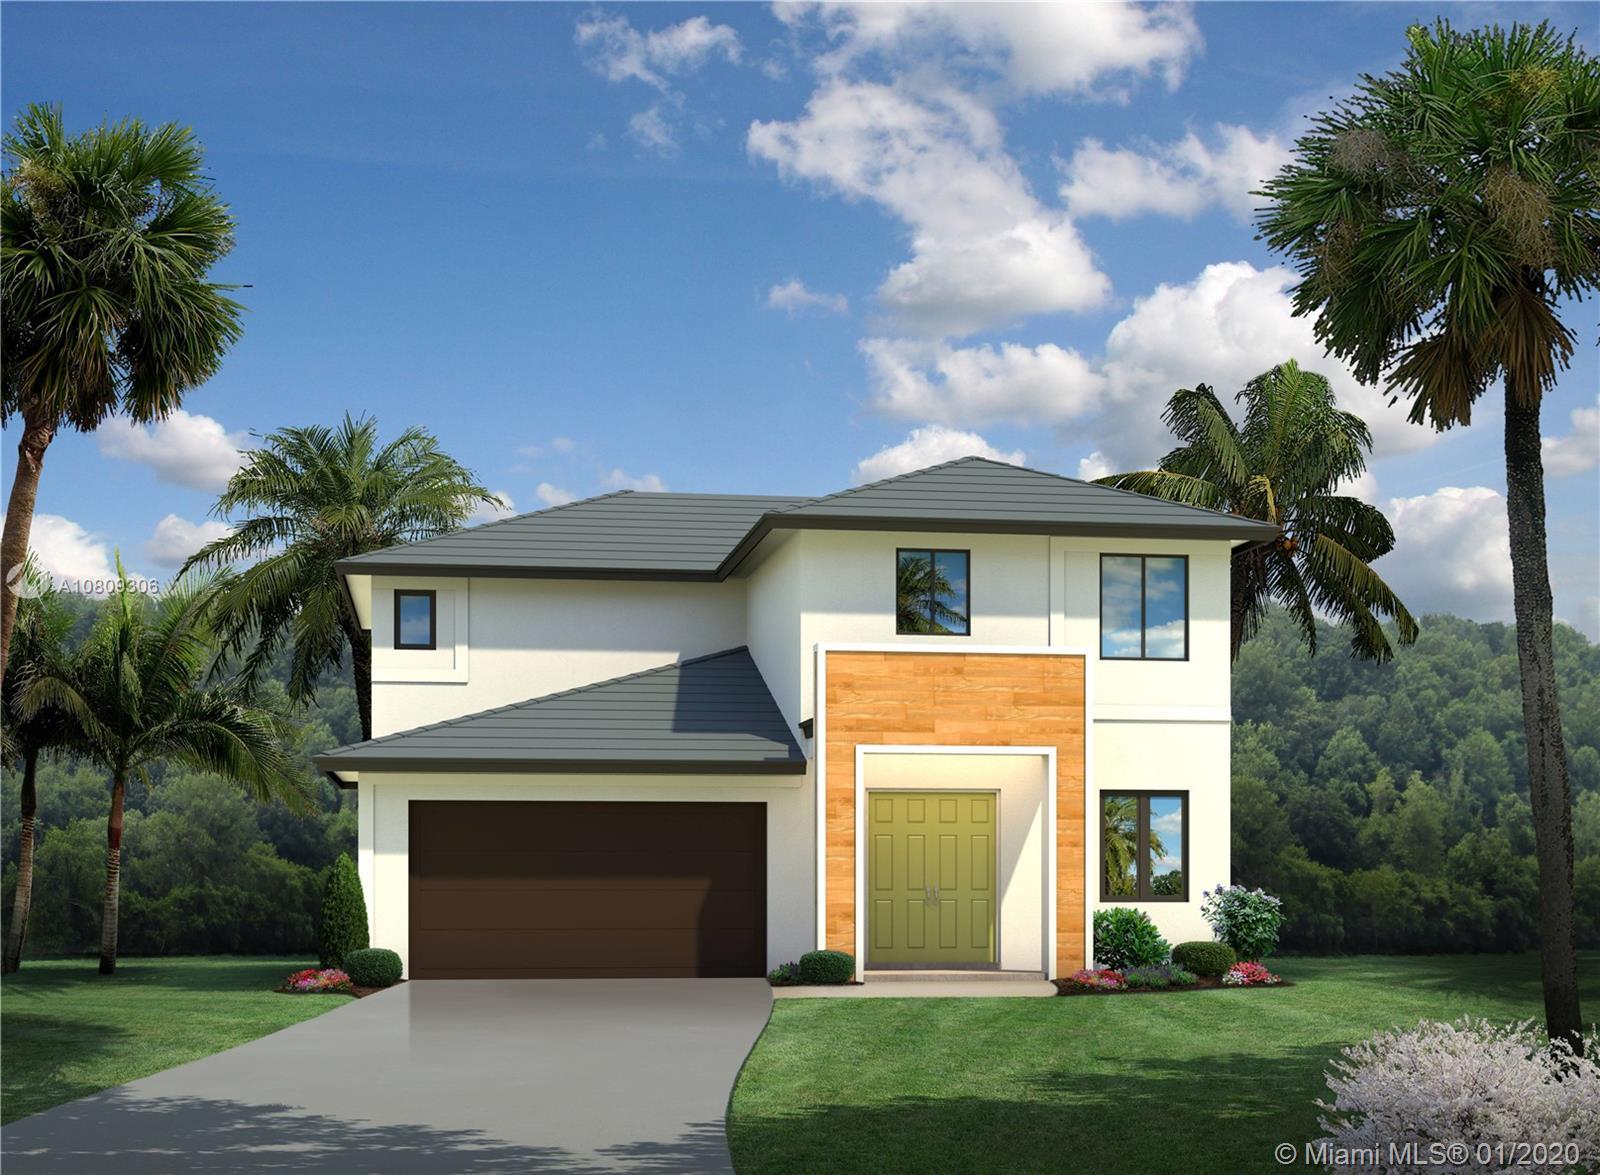 23227 SW 107th Place, Miami, FL 33032 - Miami, FL real estate listing